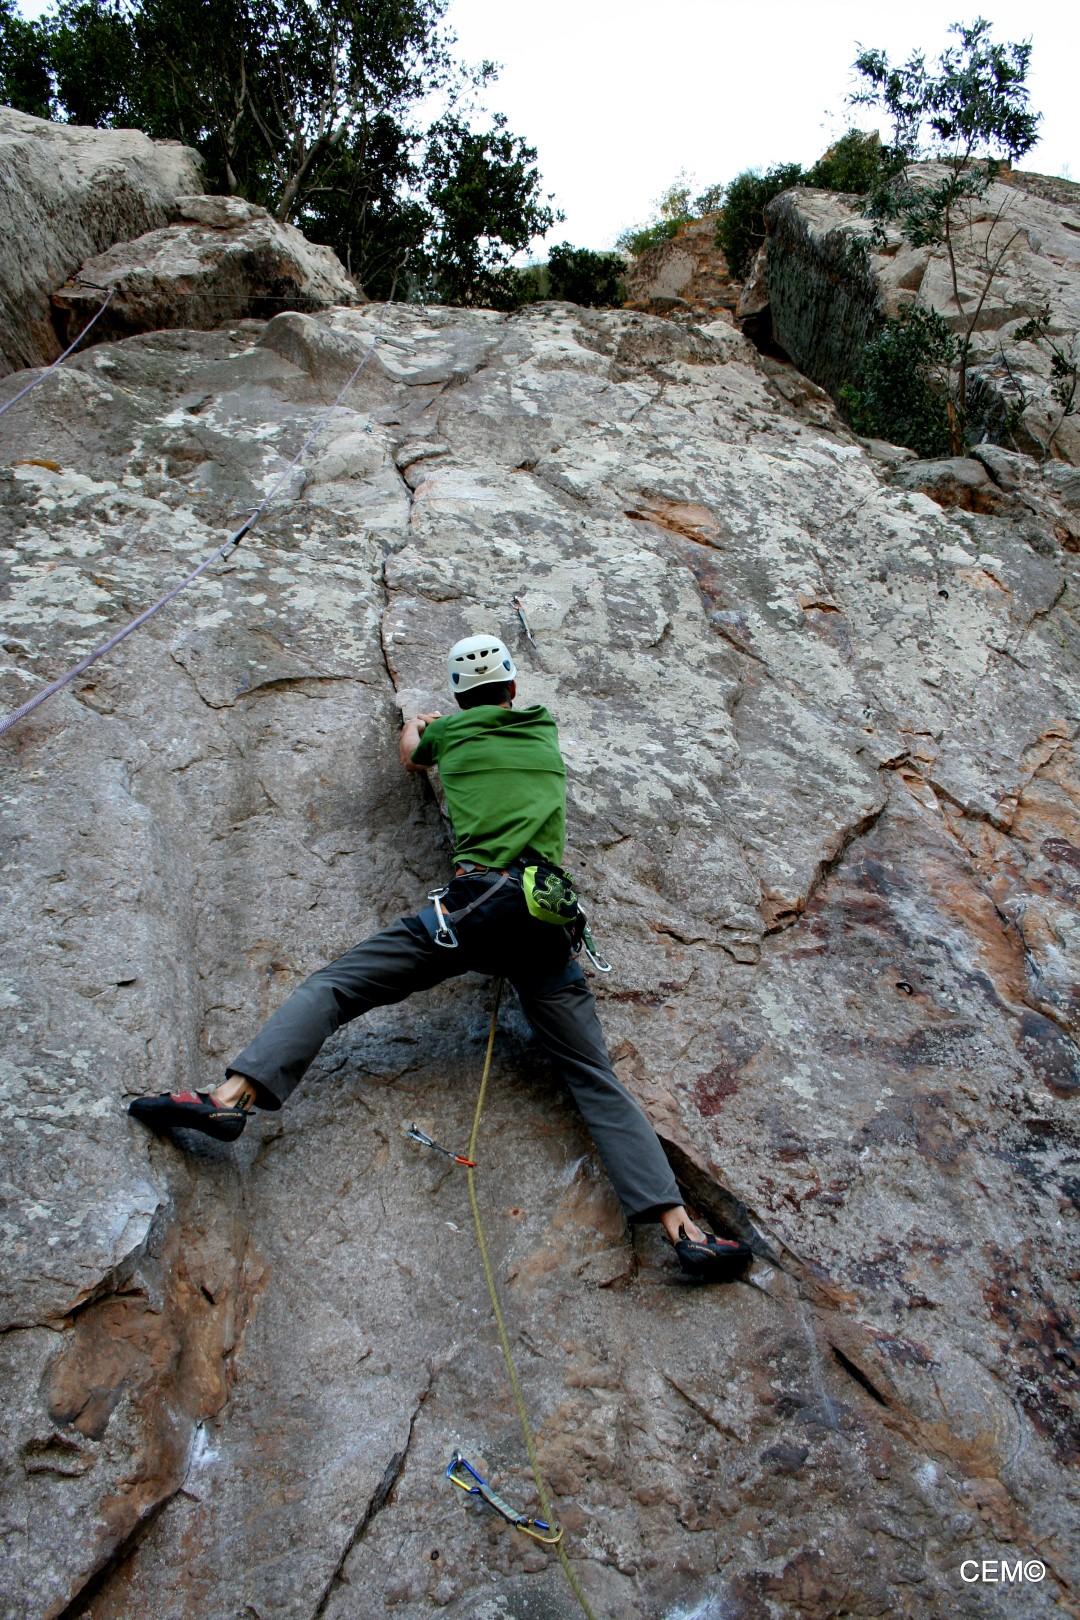 actividad-cem-escalada-deportiva-san-bartolo-tarifa-2016-09